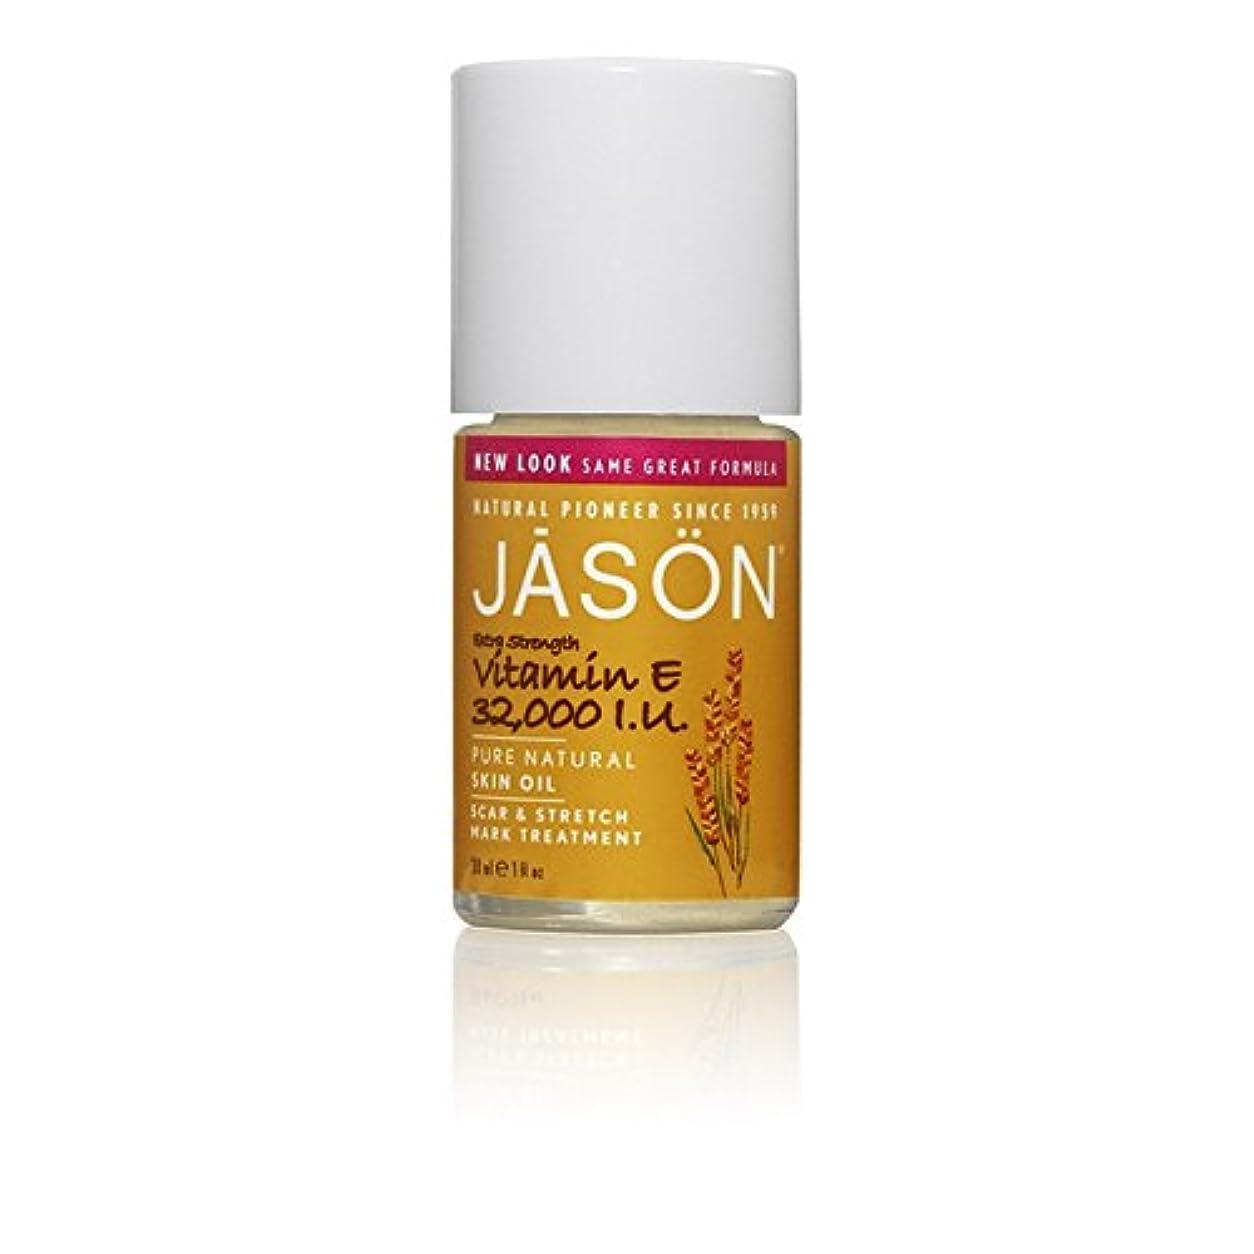 証言拳精度ジェイソン?ビタミン 32,000オイル傷跡&ストレッチマークトリートメント33ミリリットル x2 - Jason Vitamin E 32,000iu Oil Scar & Stretch Mark Treatment 33ml (Pack of 2) [並行輸入品]